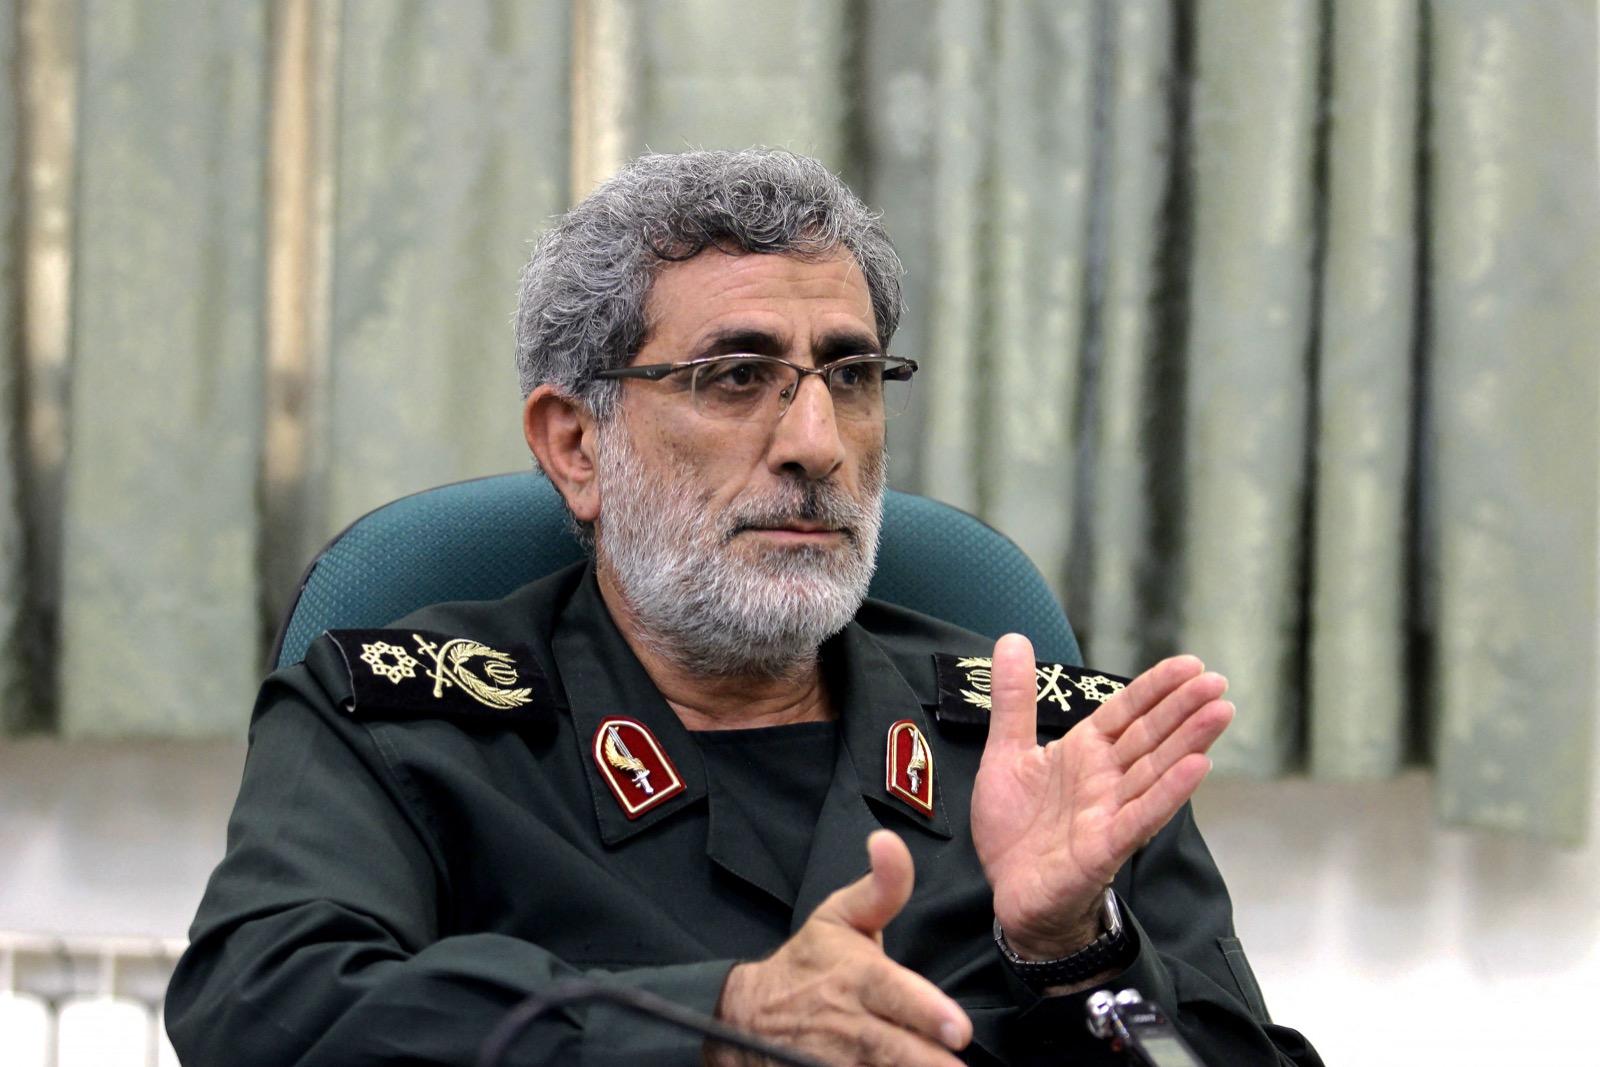 نفت كل من طهران وبغداد علنا وجود قآاني في العراق، لكن مصدرين إيرانيين اتصلت بهما رويترز أكدا ذلك